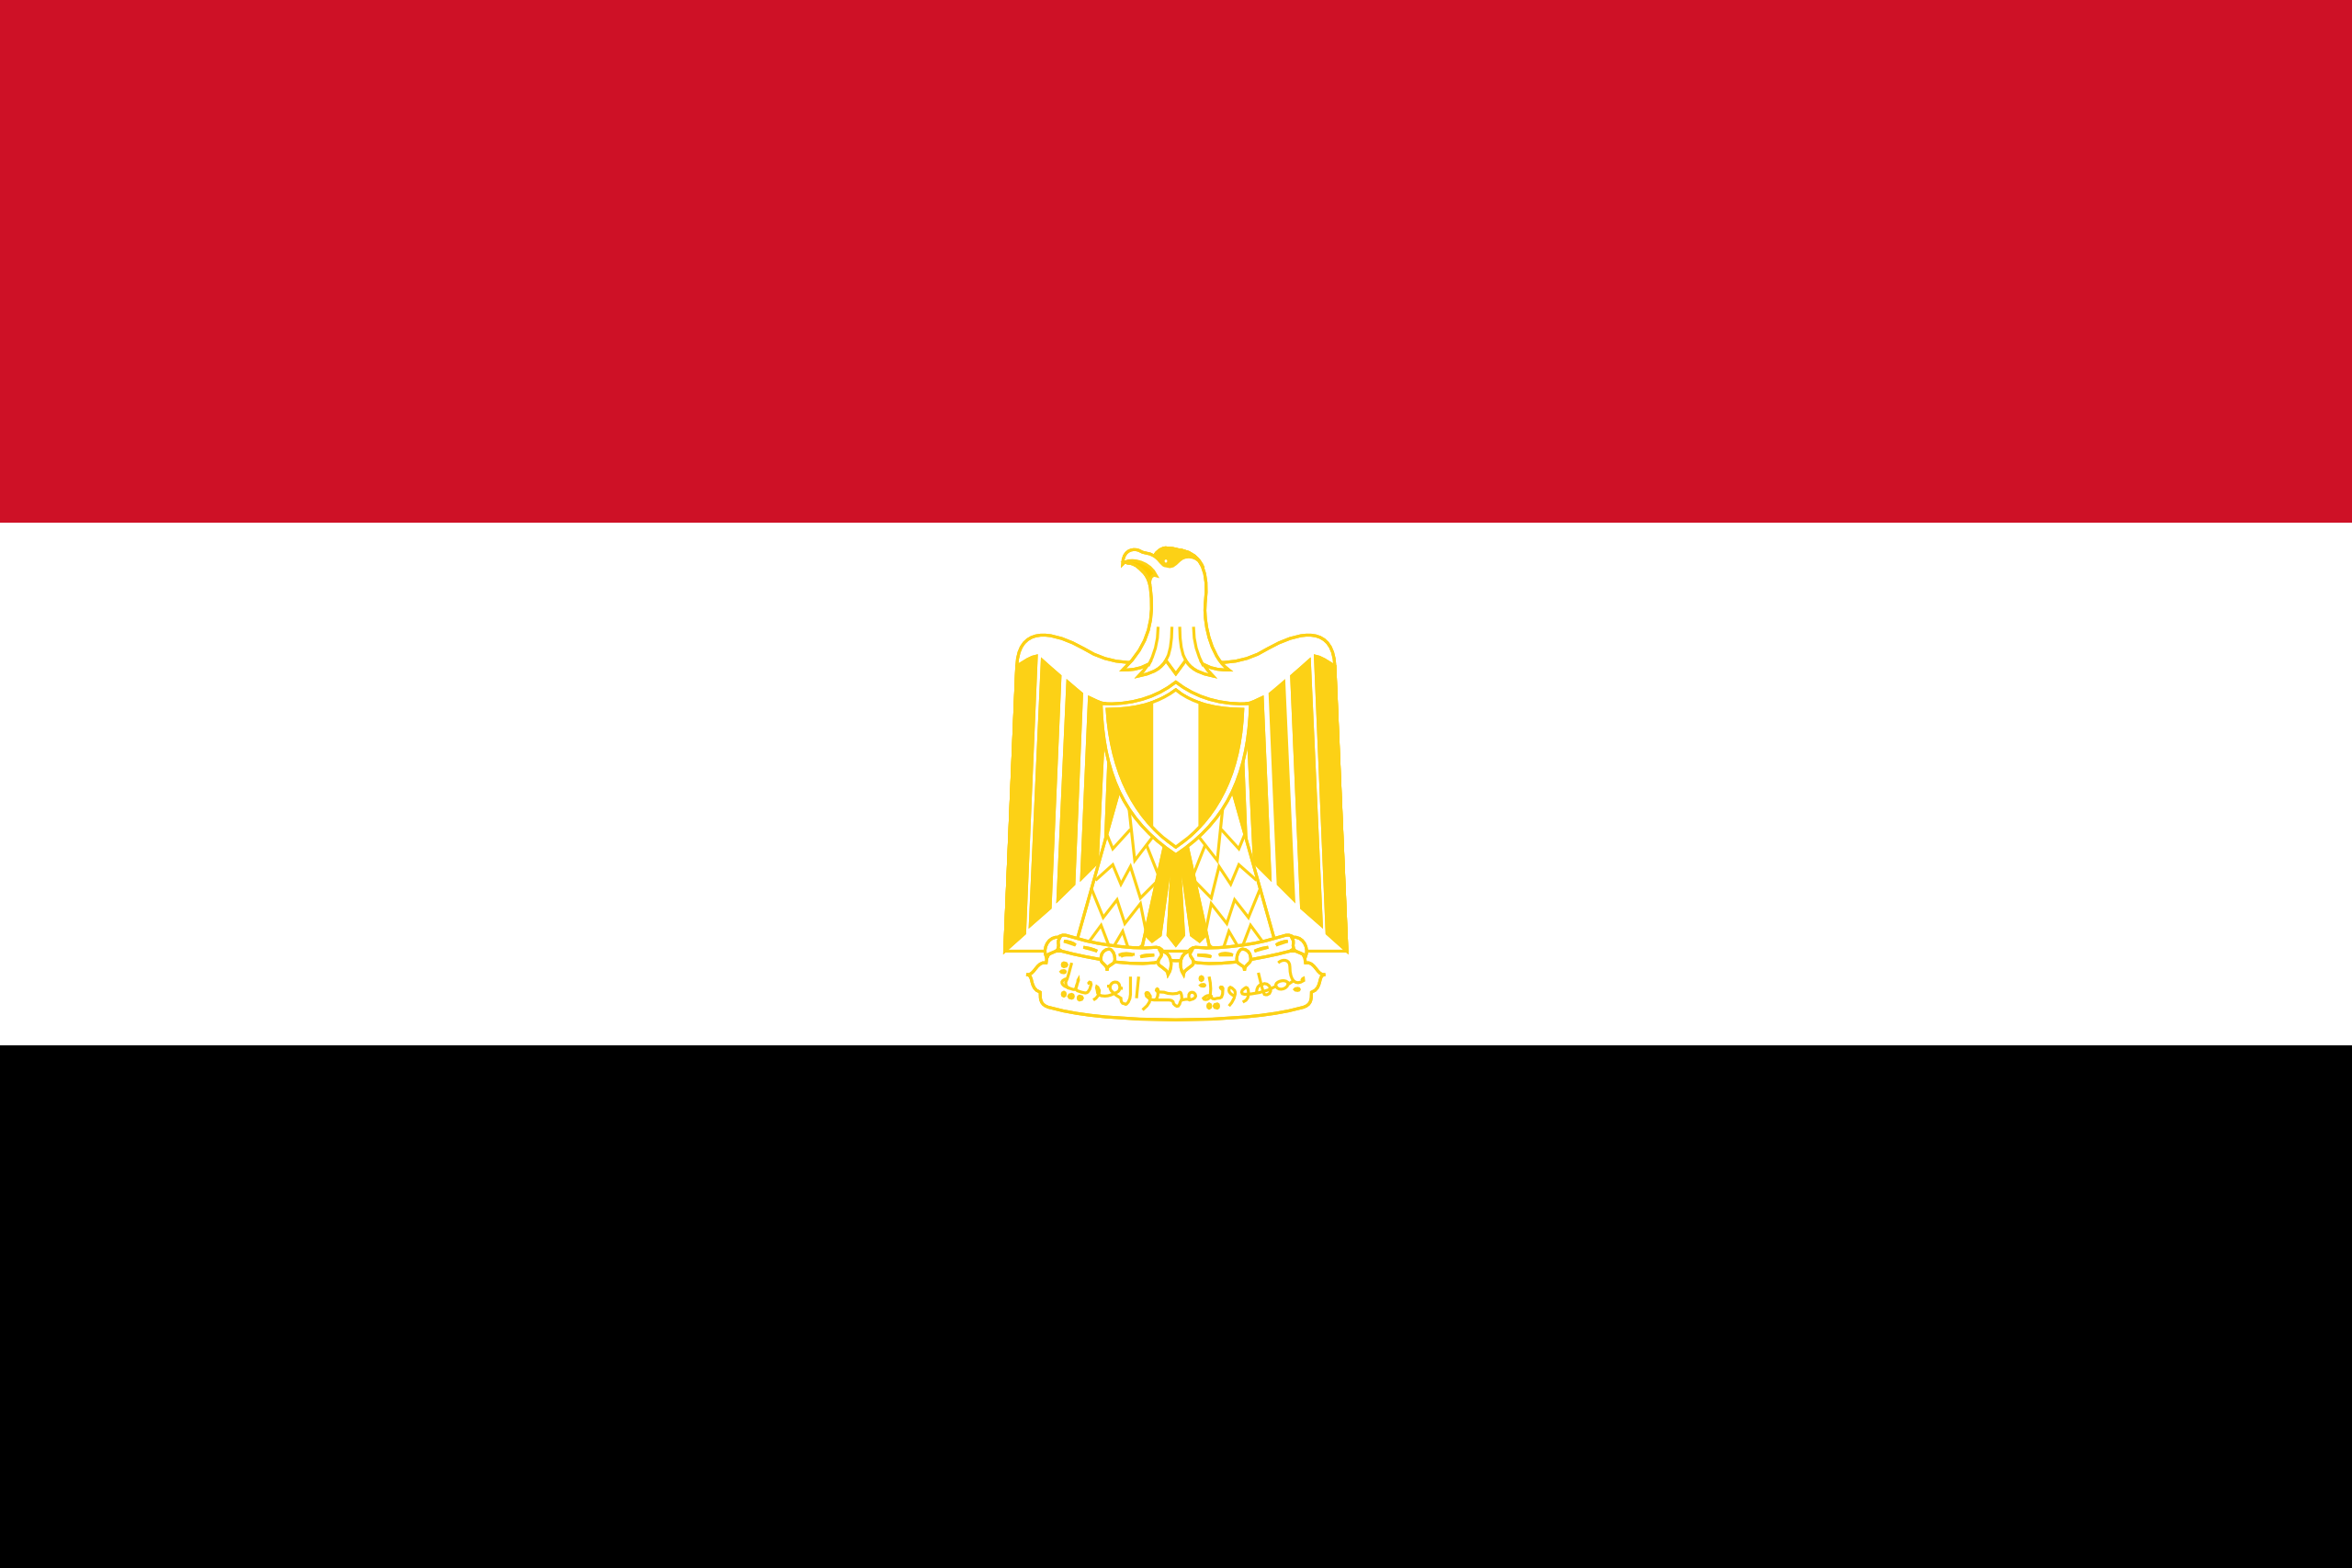 Egito, país, Brasão de armas, logotipo, símbolo - Papéis de parede HD - Professor-falken.com